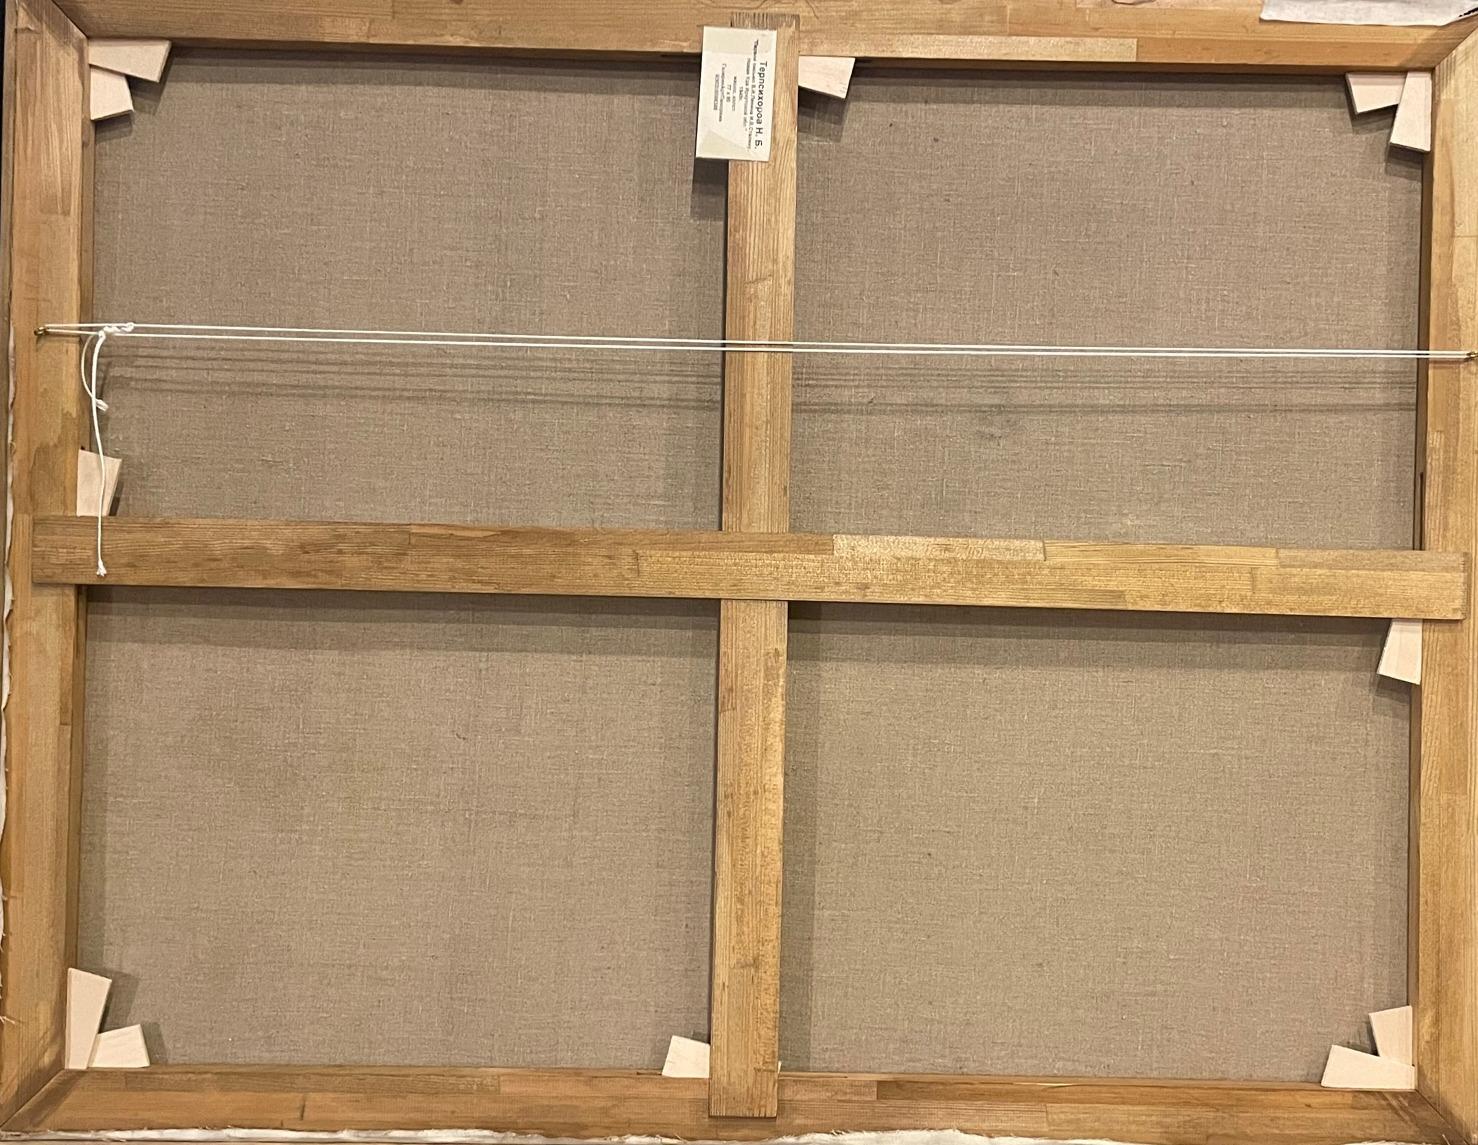 Оборот. Терпсихоров Николай Борисович. Первое письмо В.И.Ленина И.В.Сталину. Новая Уда Иркутской обл.